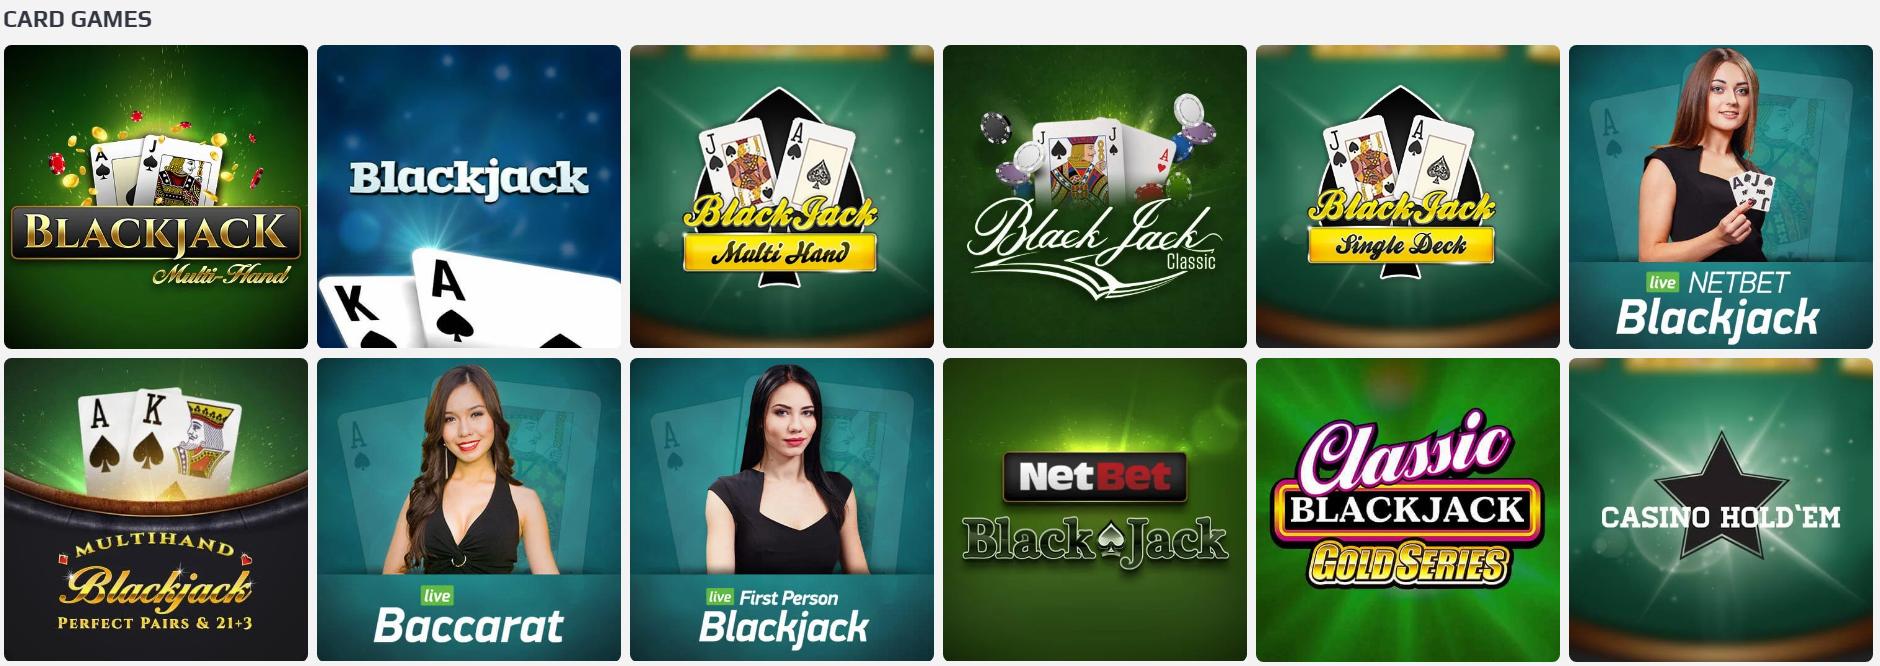 Netbet tv casinos vencedor 297731